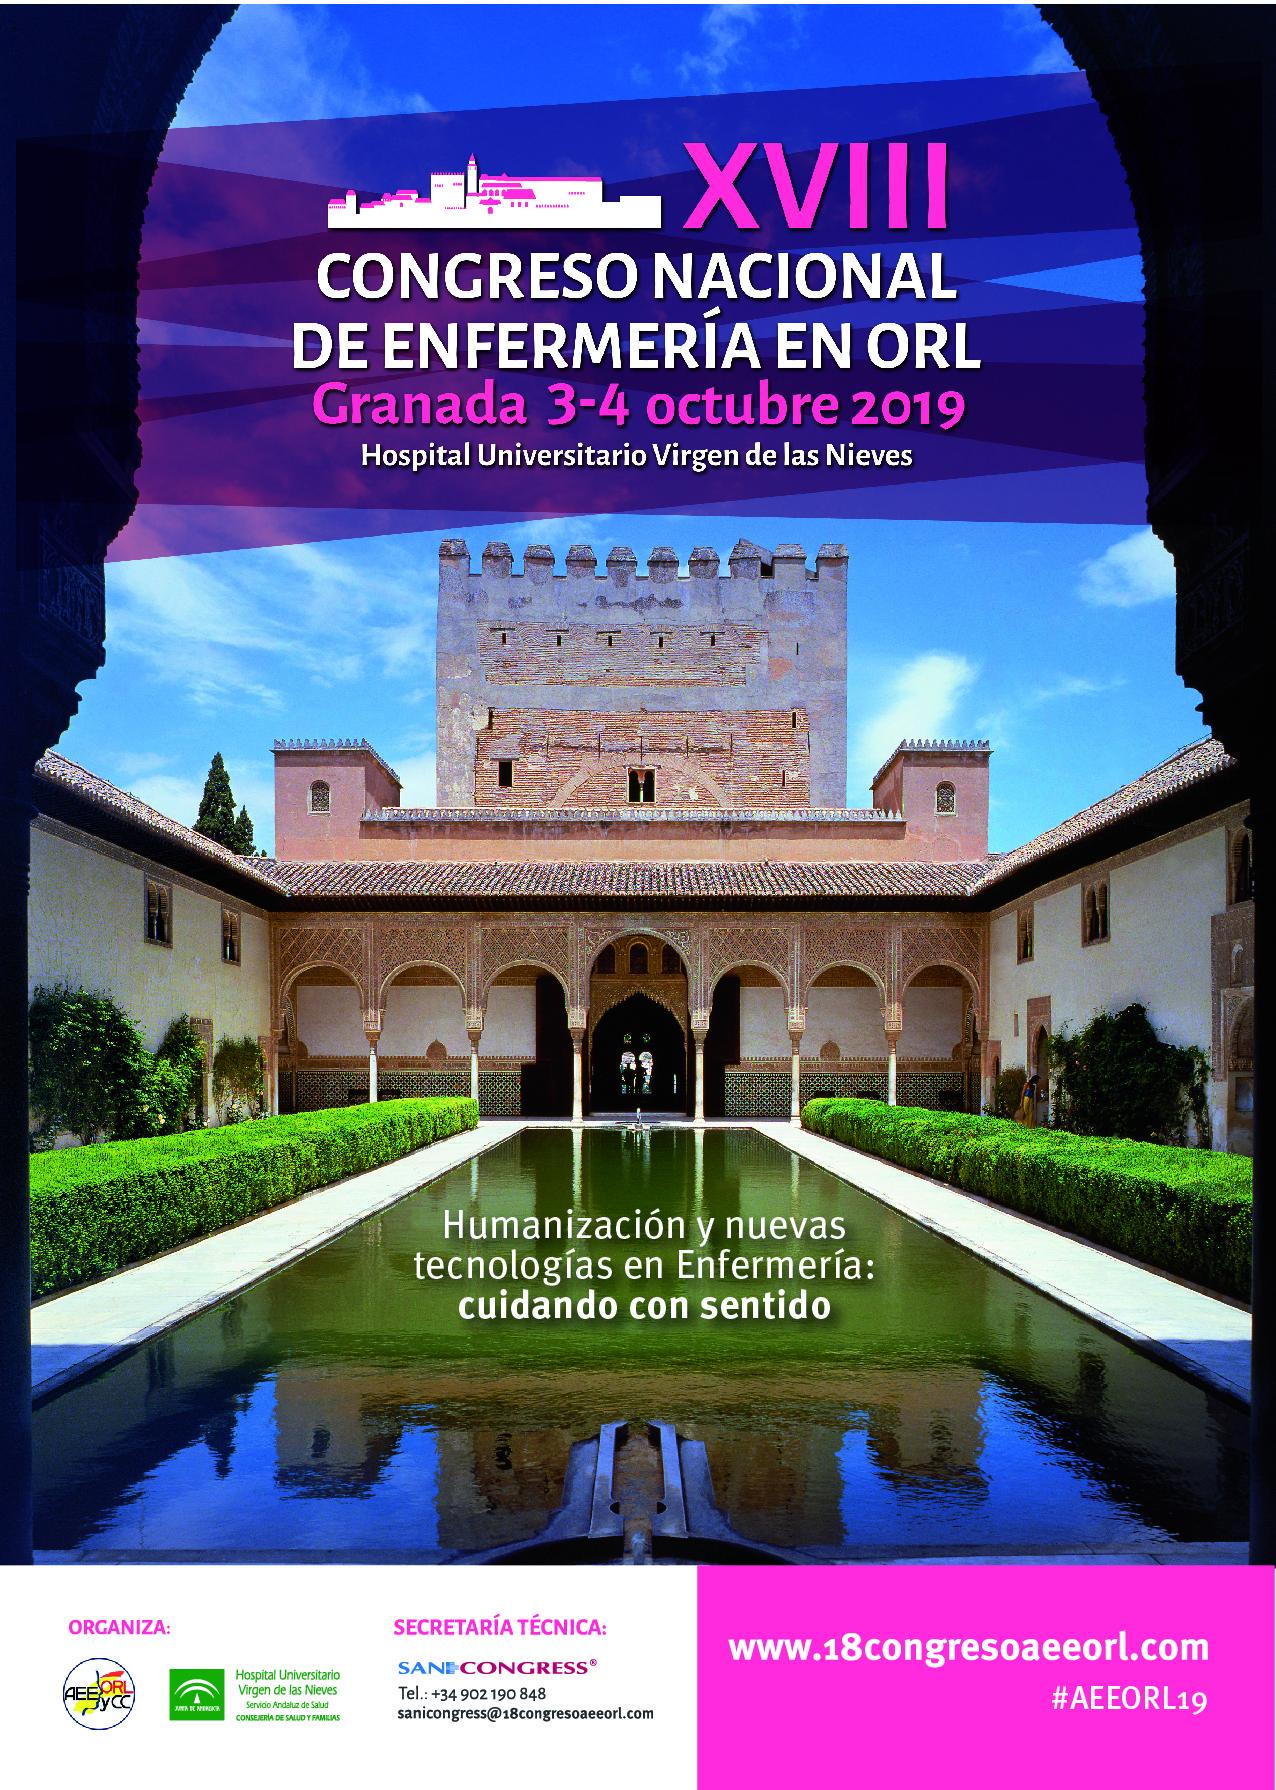 Hospital Universitario Virgen de las Nieves de Granada